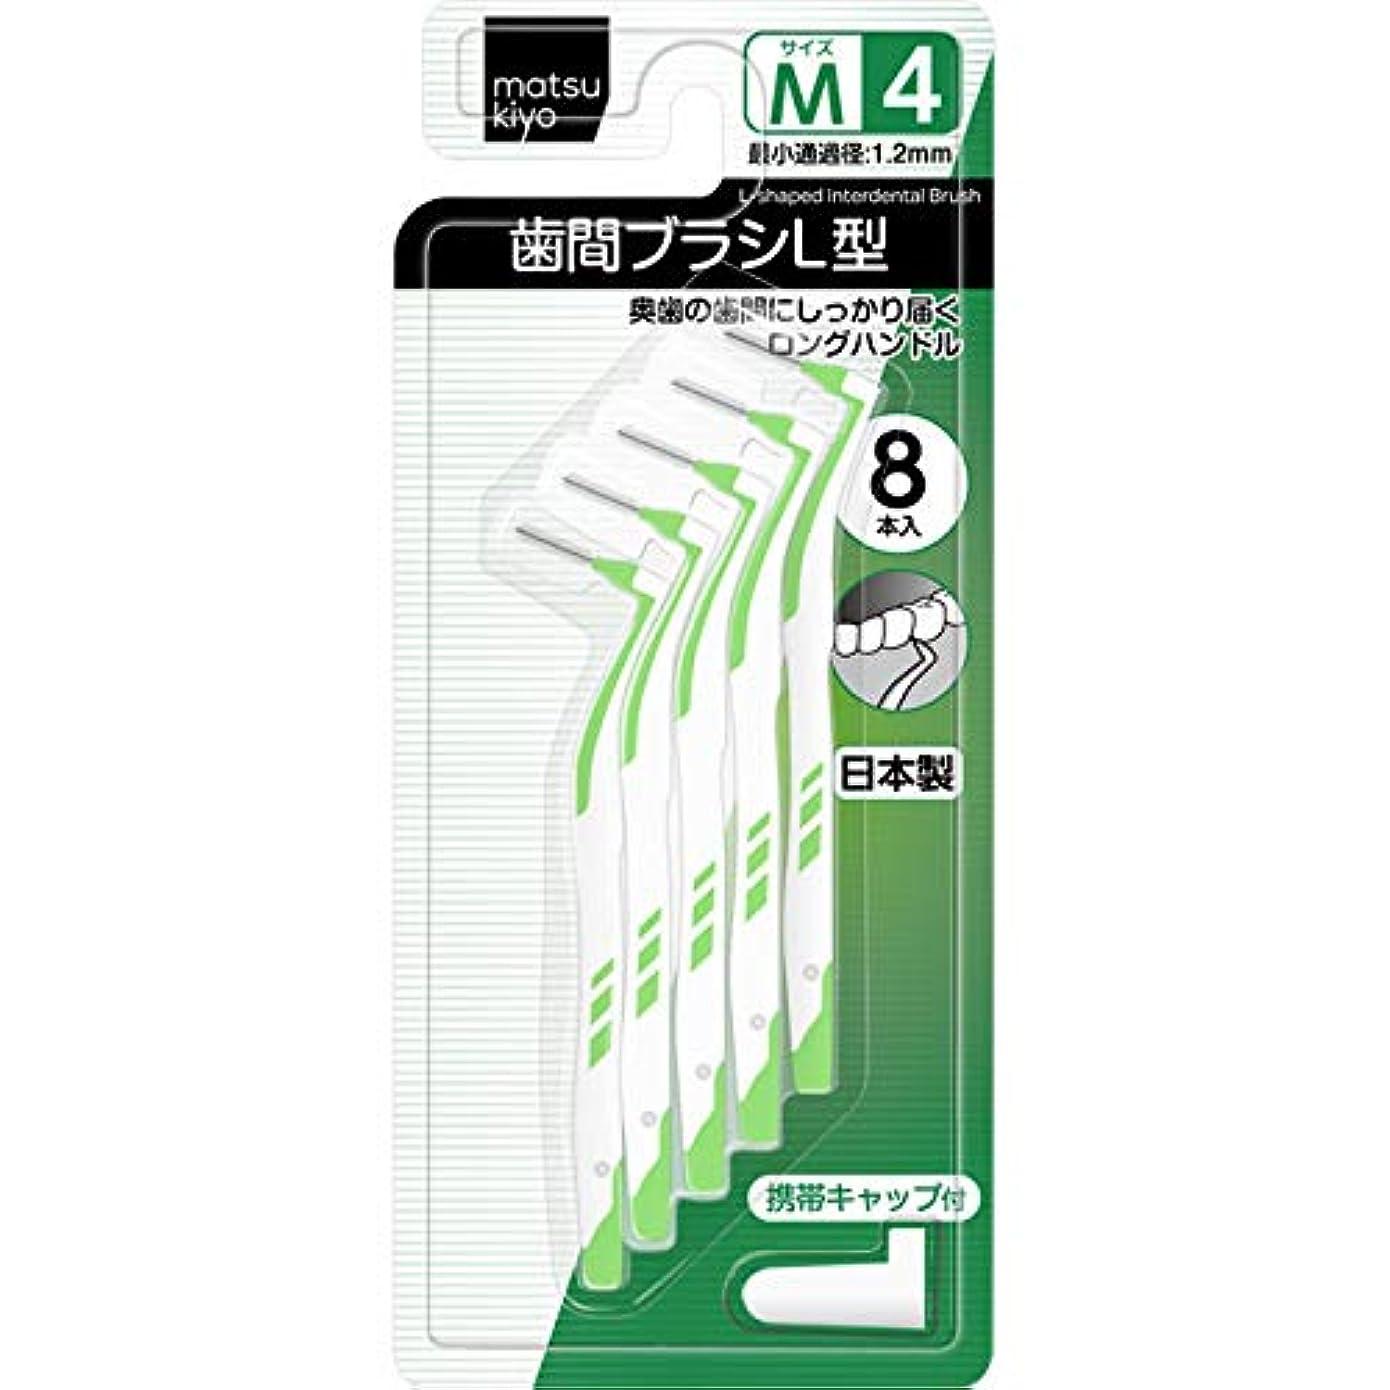 雑多なフルーツ発疹matsukiyo 歯間ブラシL型 サイズ4(M) 8本